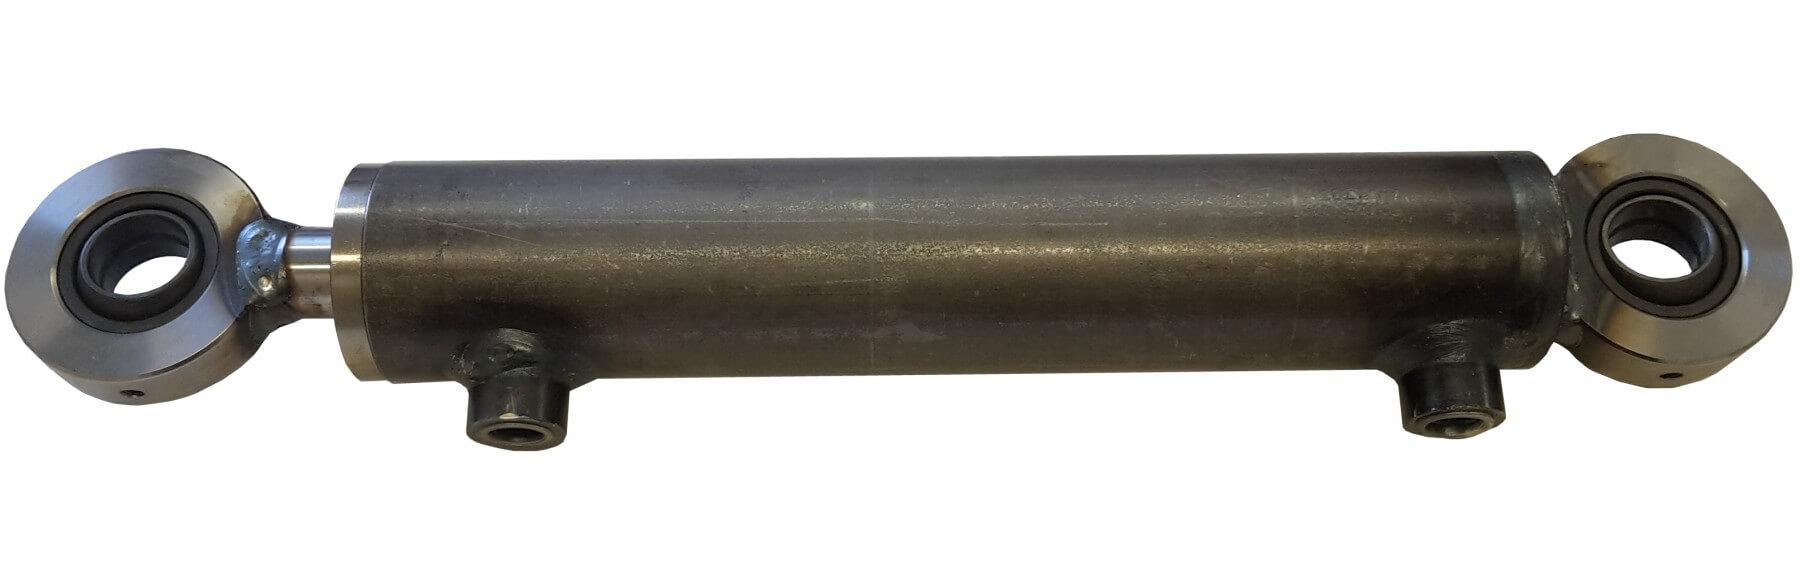 Hydraulisylinteri CL 70. 40. 700 GE - Kailatec Oy Verkkokauppa